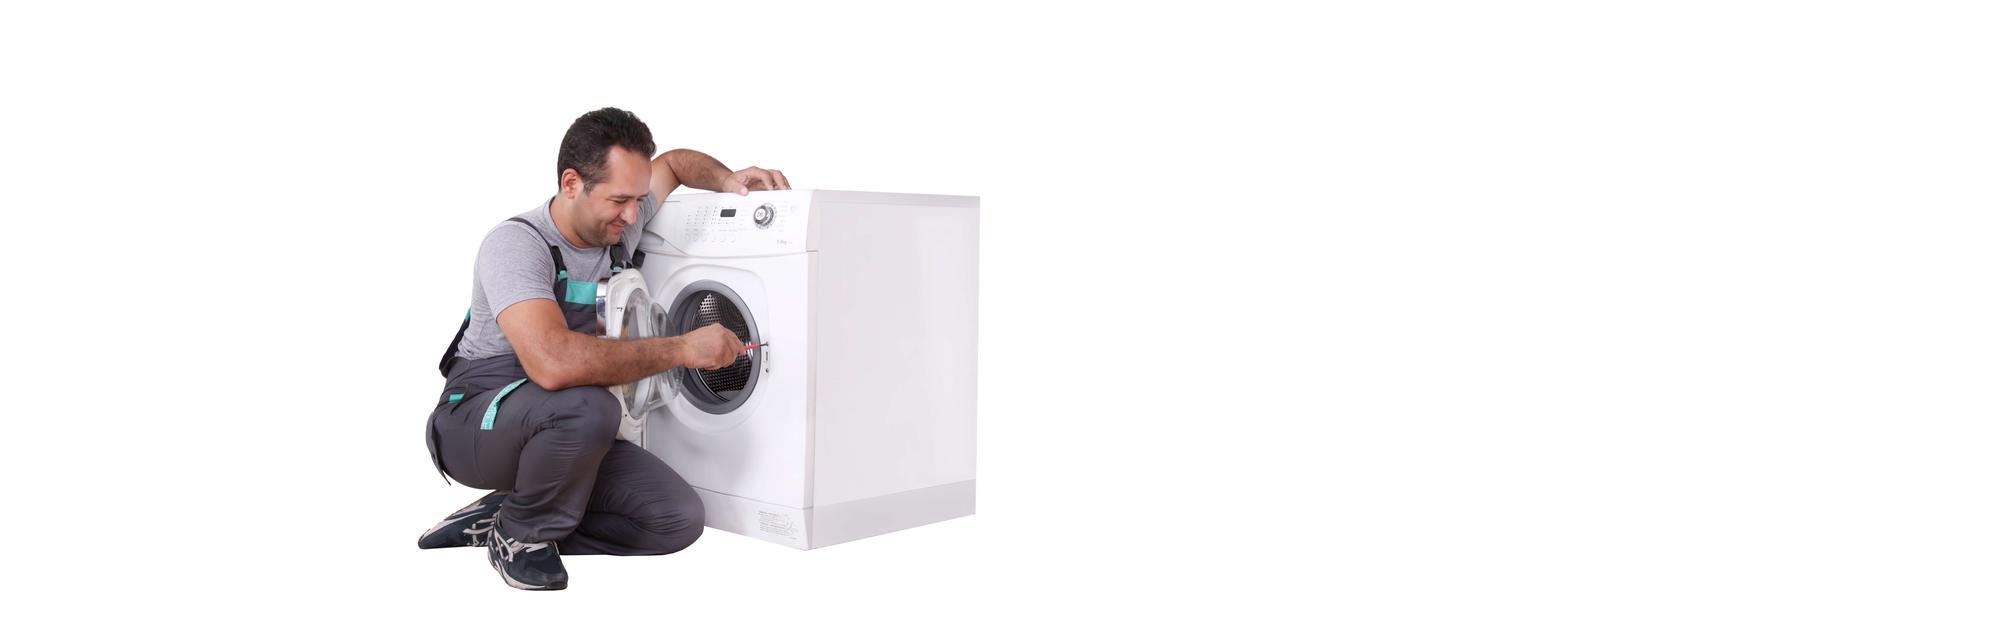 نصب و تعمیر انواع ماشین لباسشویی در قزوین